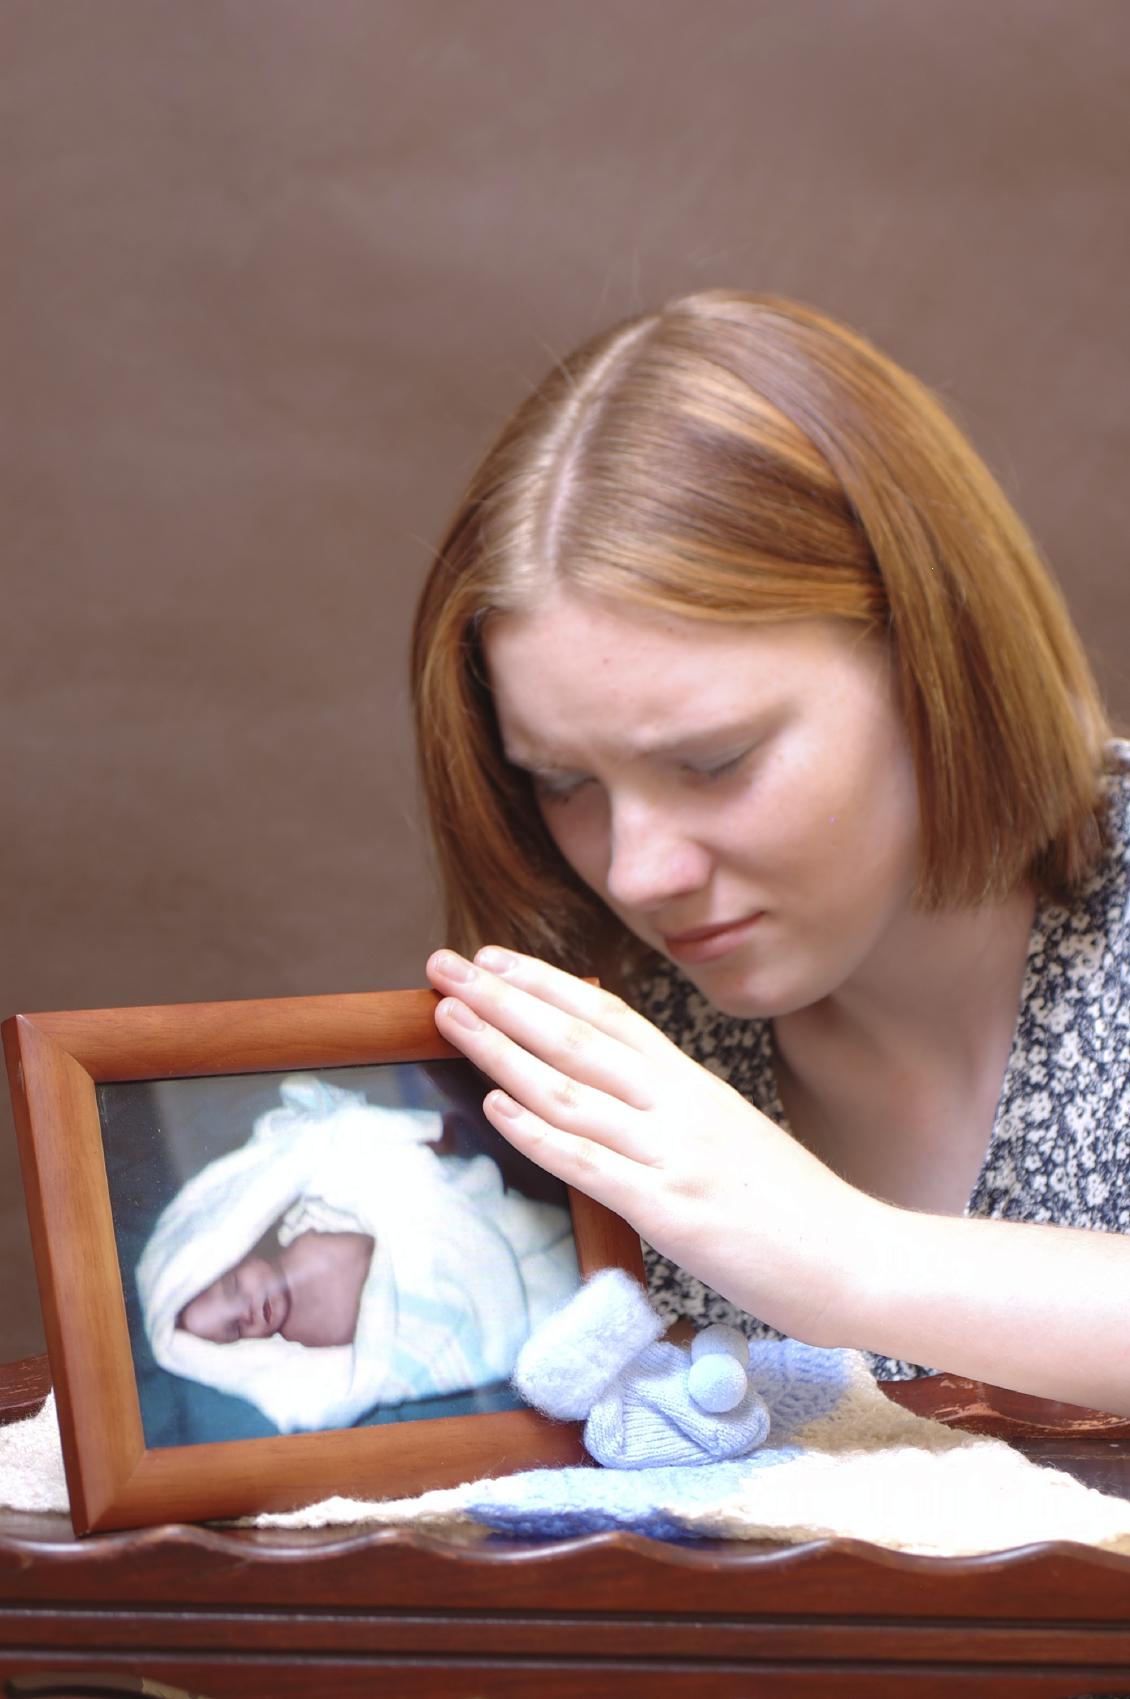 Zespół nagłej śmierci niemowląt